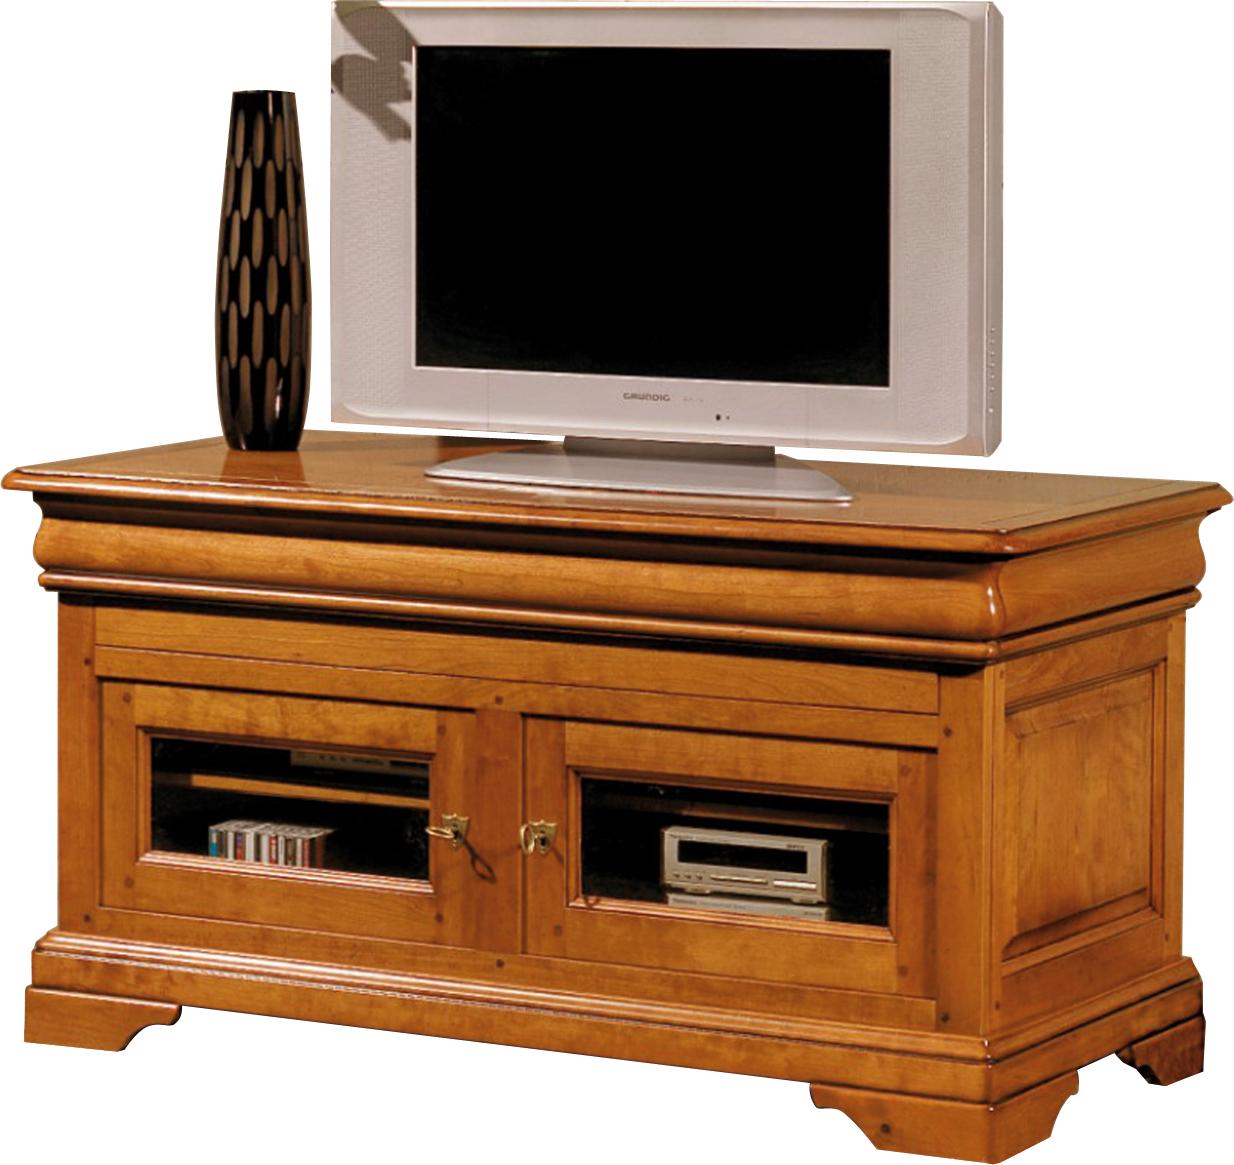 Meubles promo page 14 meuble t l - Acheter des meubles sur internet ...